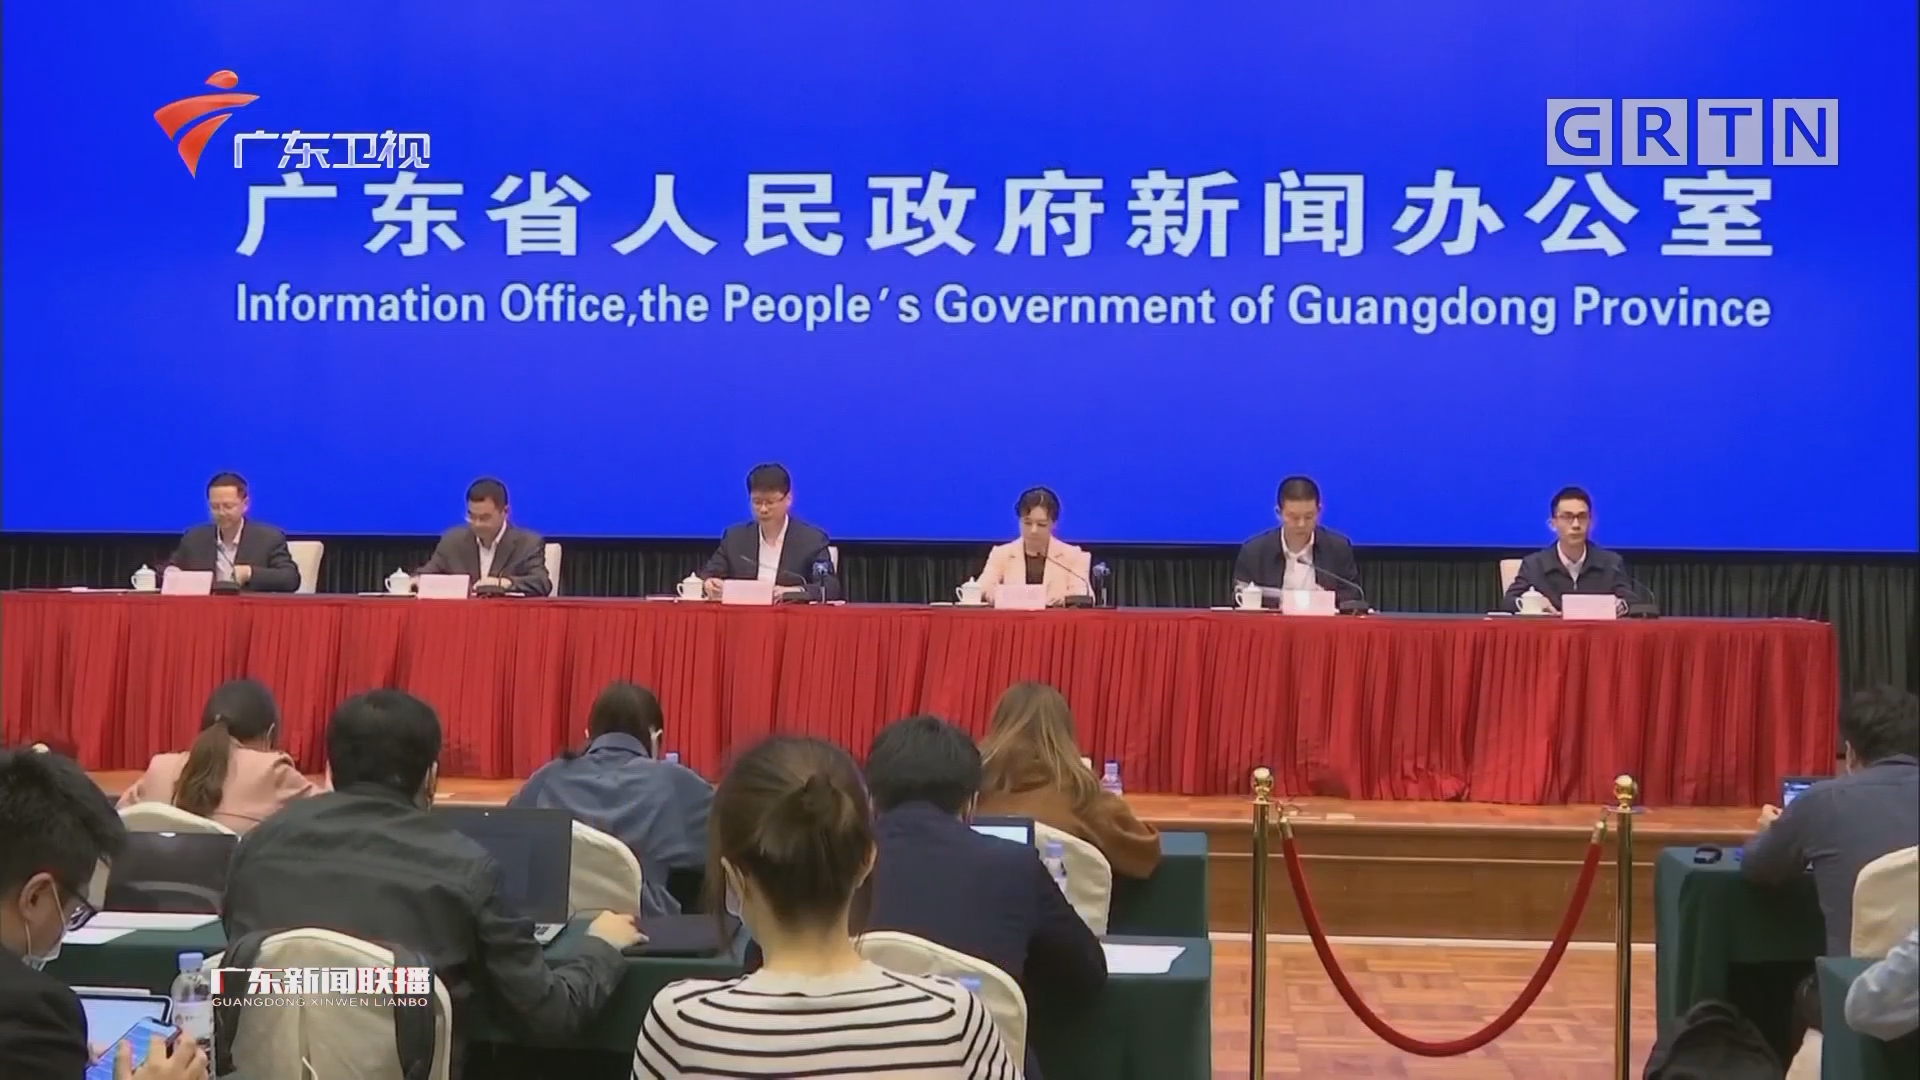 廣東省政府新聞辦疫情防控第二十九場新聞發布會舉行